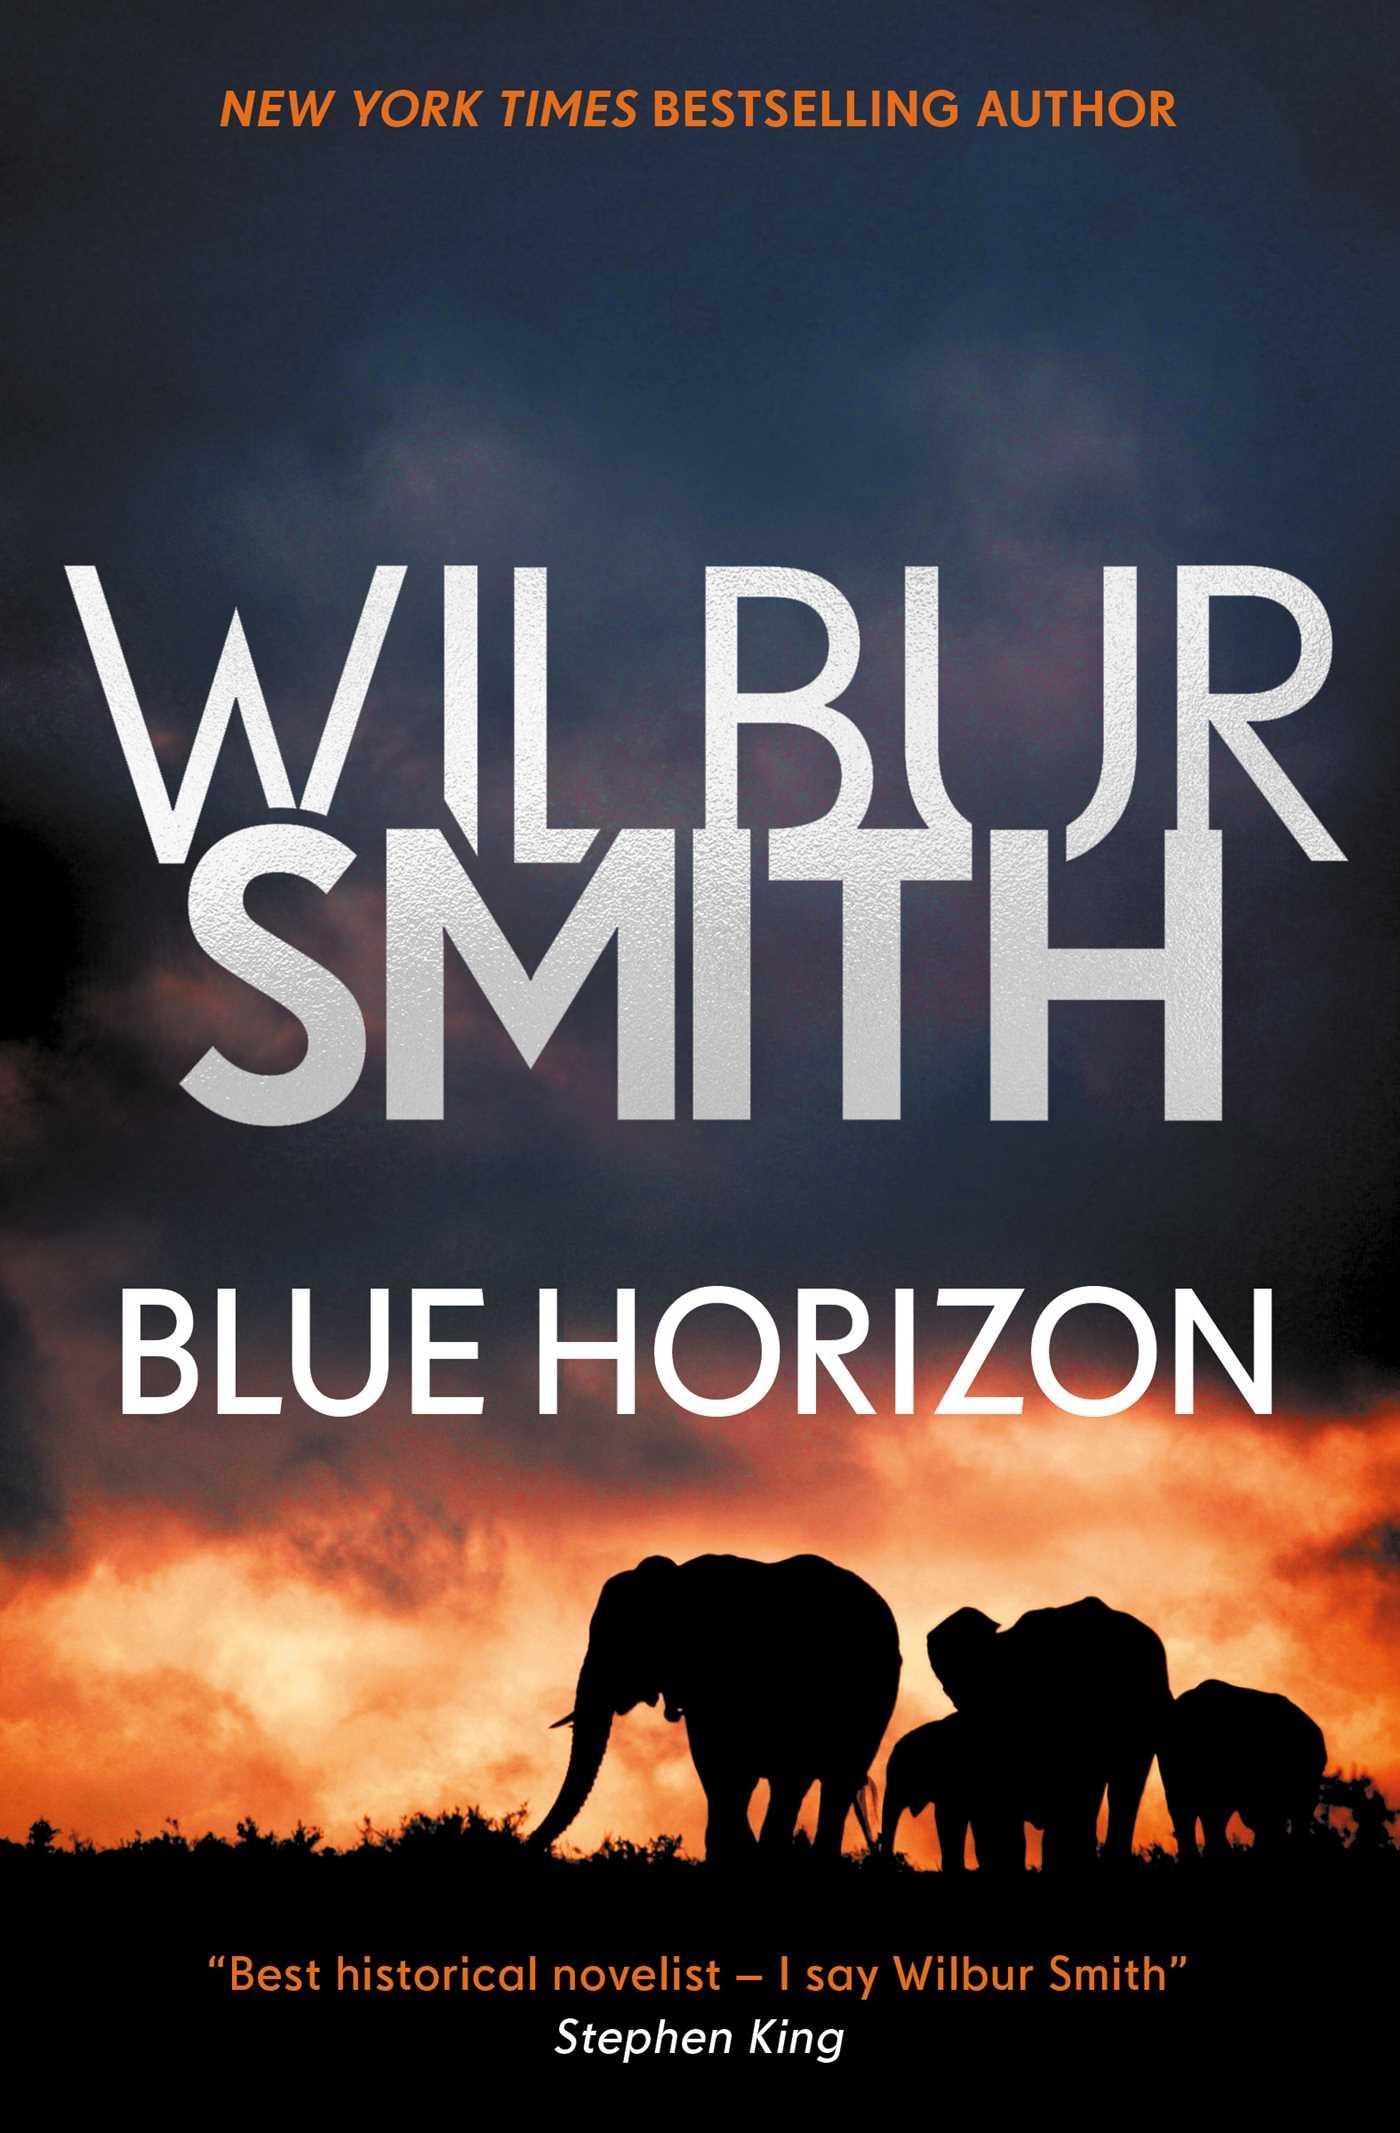 Blue horizon 9781499861006 hr